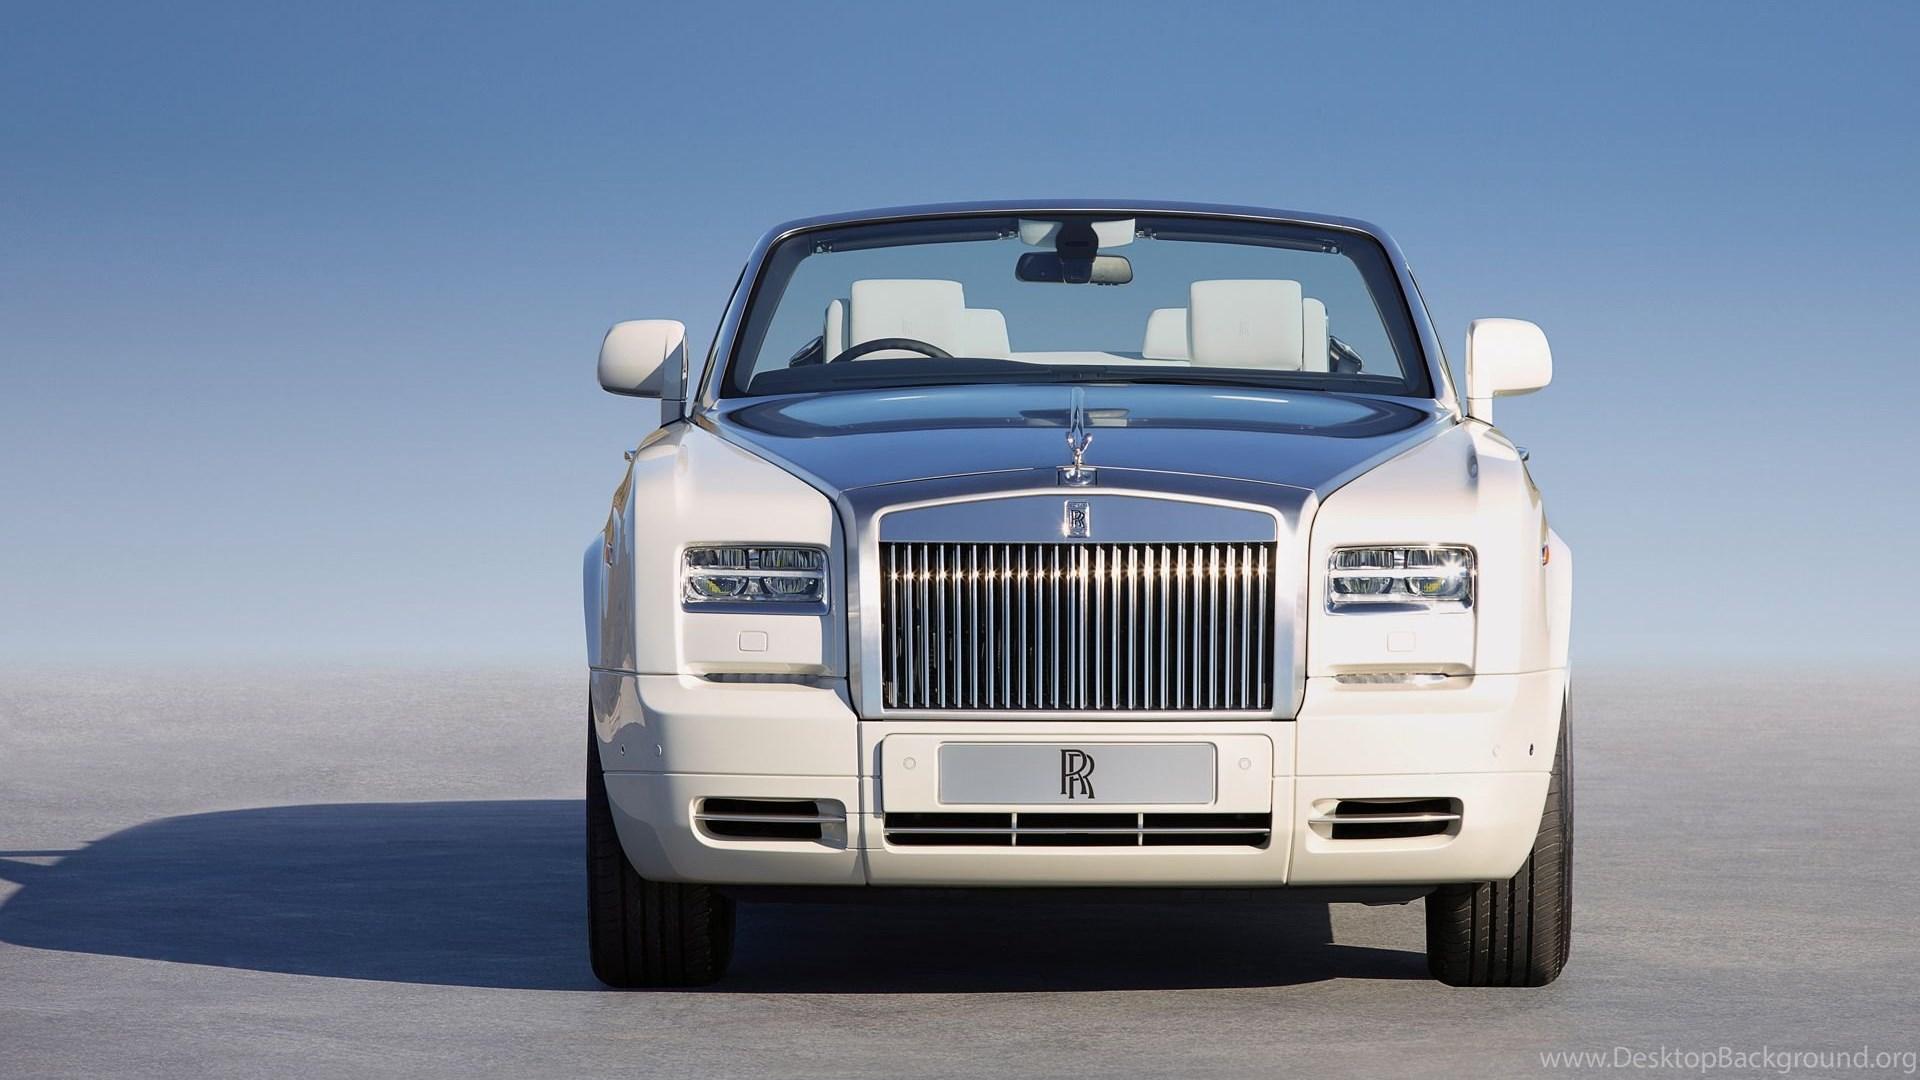 Rolls Royce Phantom Computer Wallpapers Desktop Backgrounds